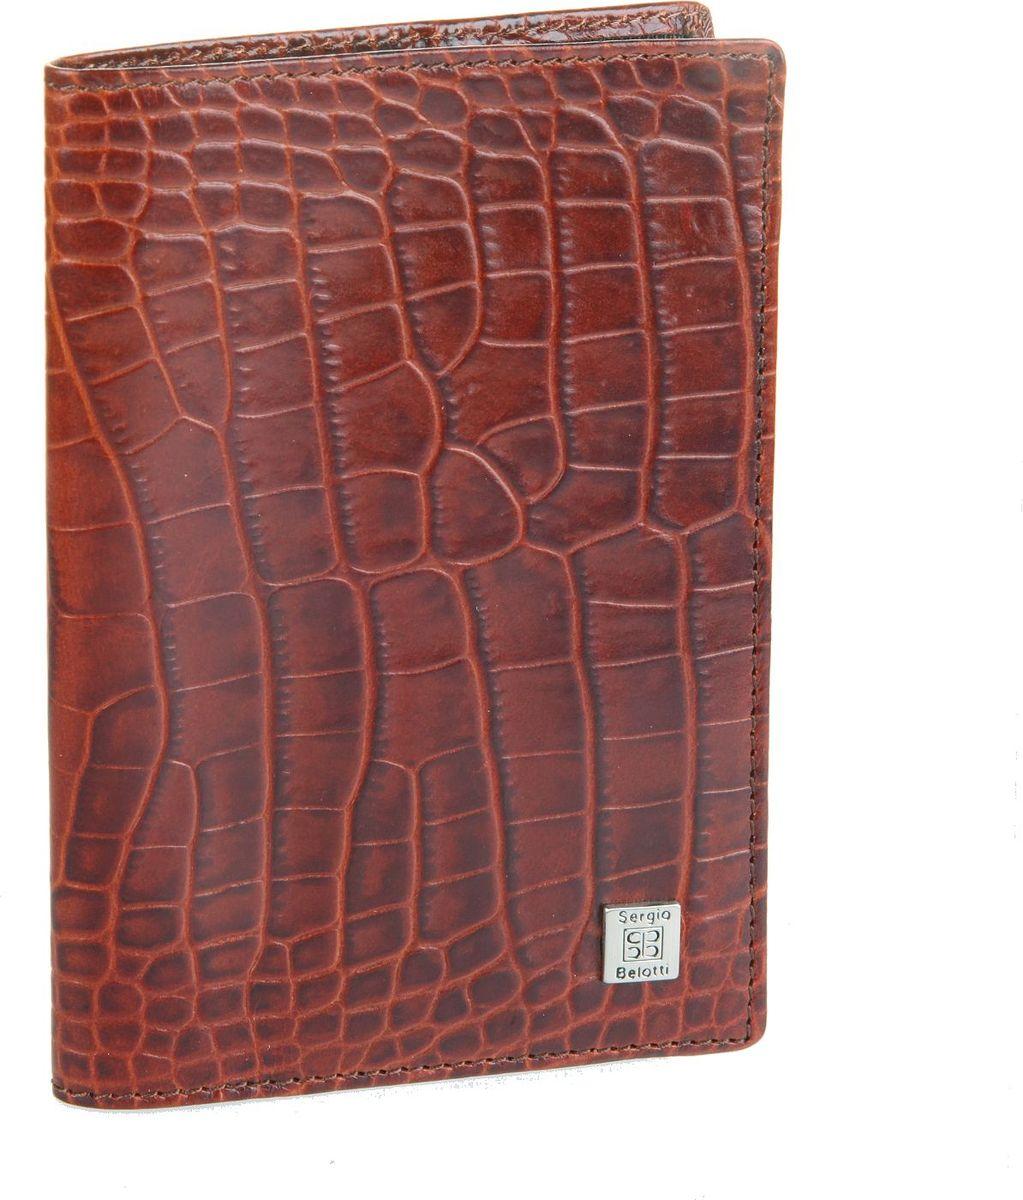 Обложка для паспорта женская Sergio Belotti, цвет: коричневый. 2464O.1.KM.черныйОбложка для паспорта женскаяSergio Belotti выполнена из натуральной кожи. Модель раскладывается пополам,внутри левое поле (ширина 7 см), правое поле - сетка (ширина 4 см), содержит один карман для документов и карман для sim-карты.